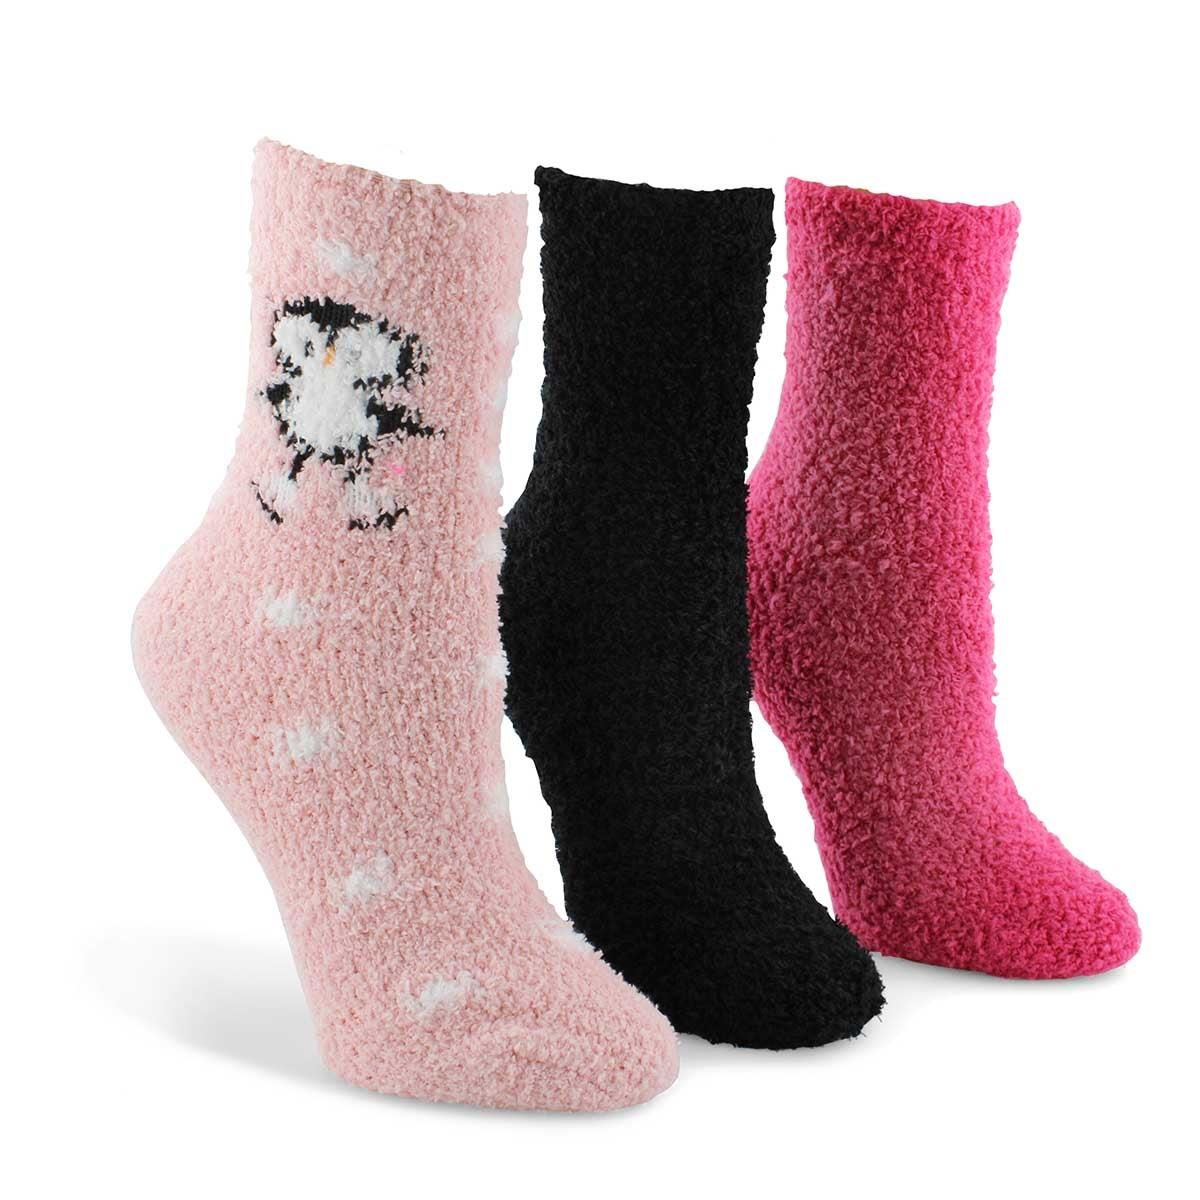 Women's Skating Penguin Socks - Multi Thick  3pk